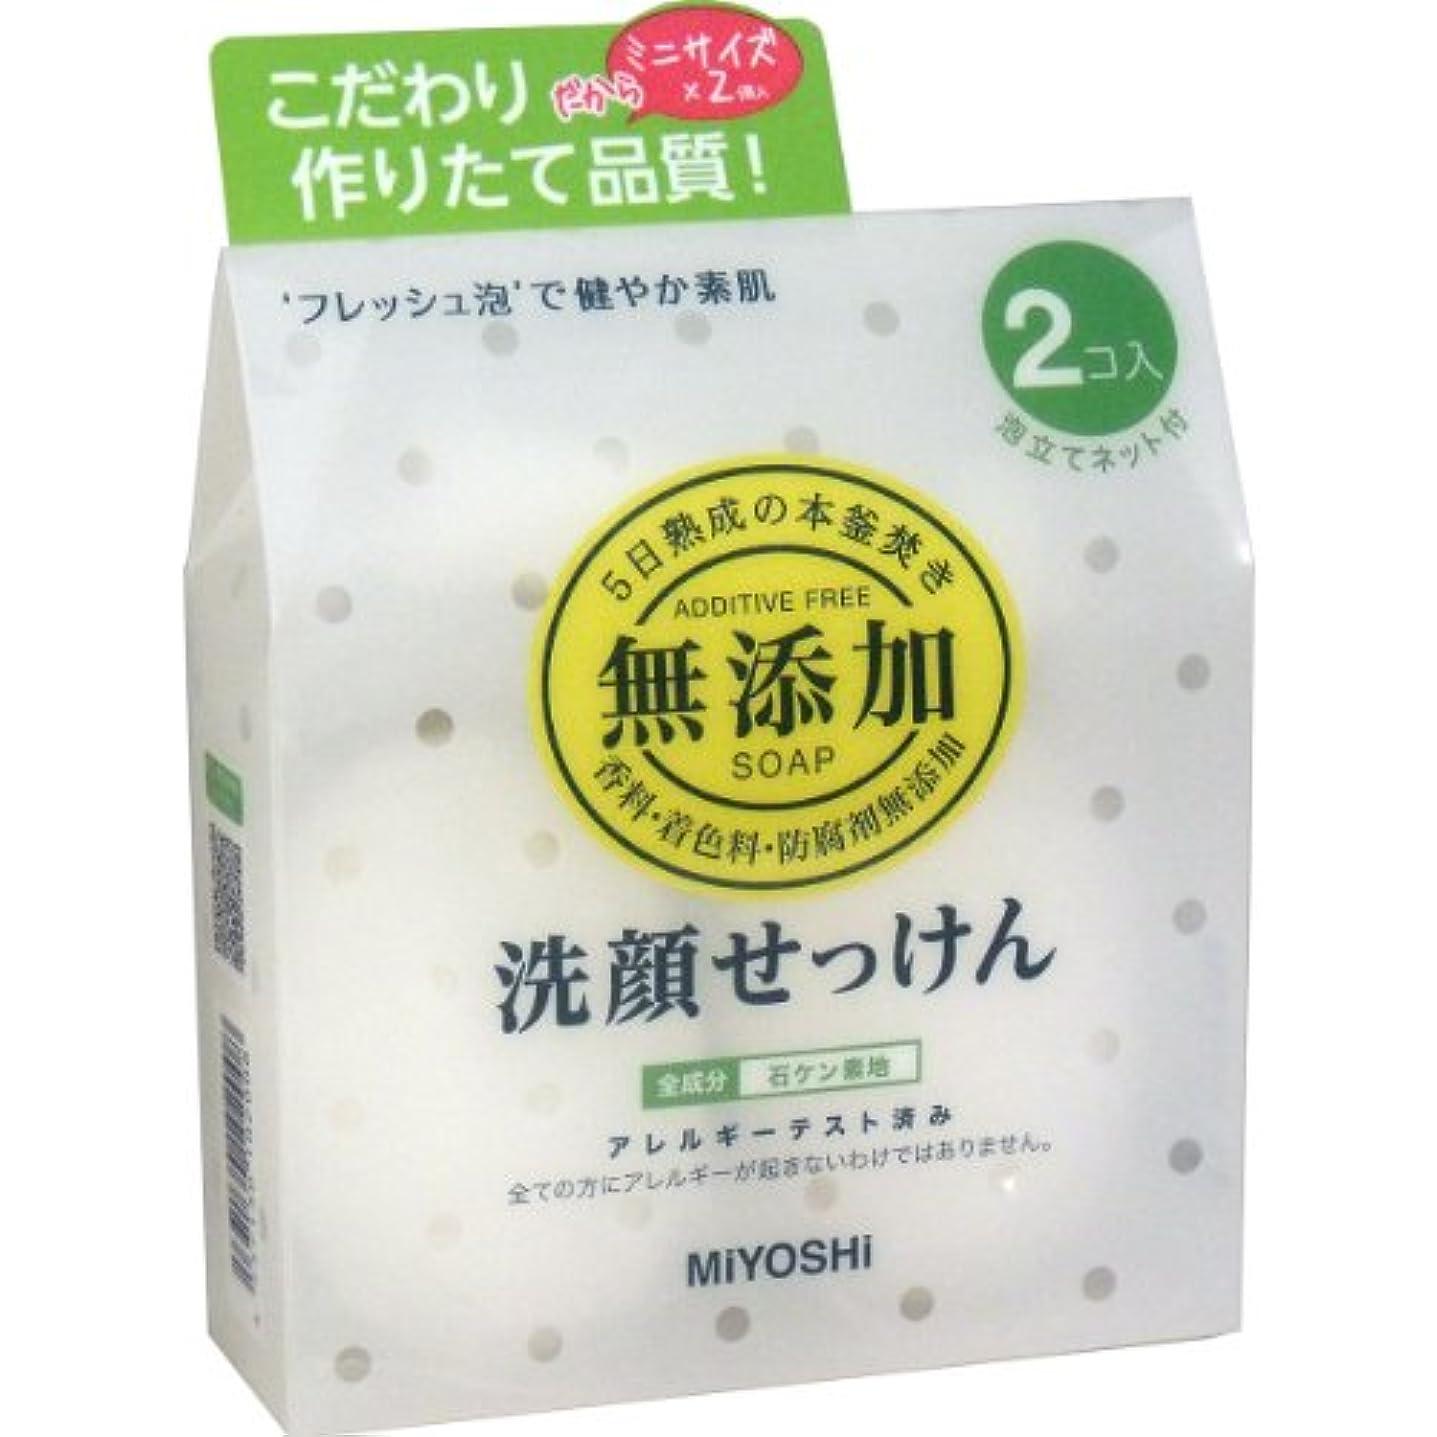 お肉チョークひどい【まとめ買い】ミヨシ石鹸 無添加洗顔せっけん2個入 80g ×2セット